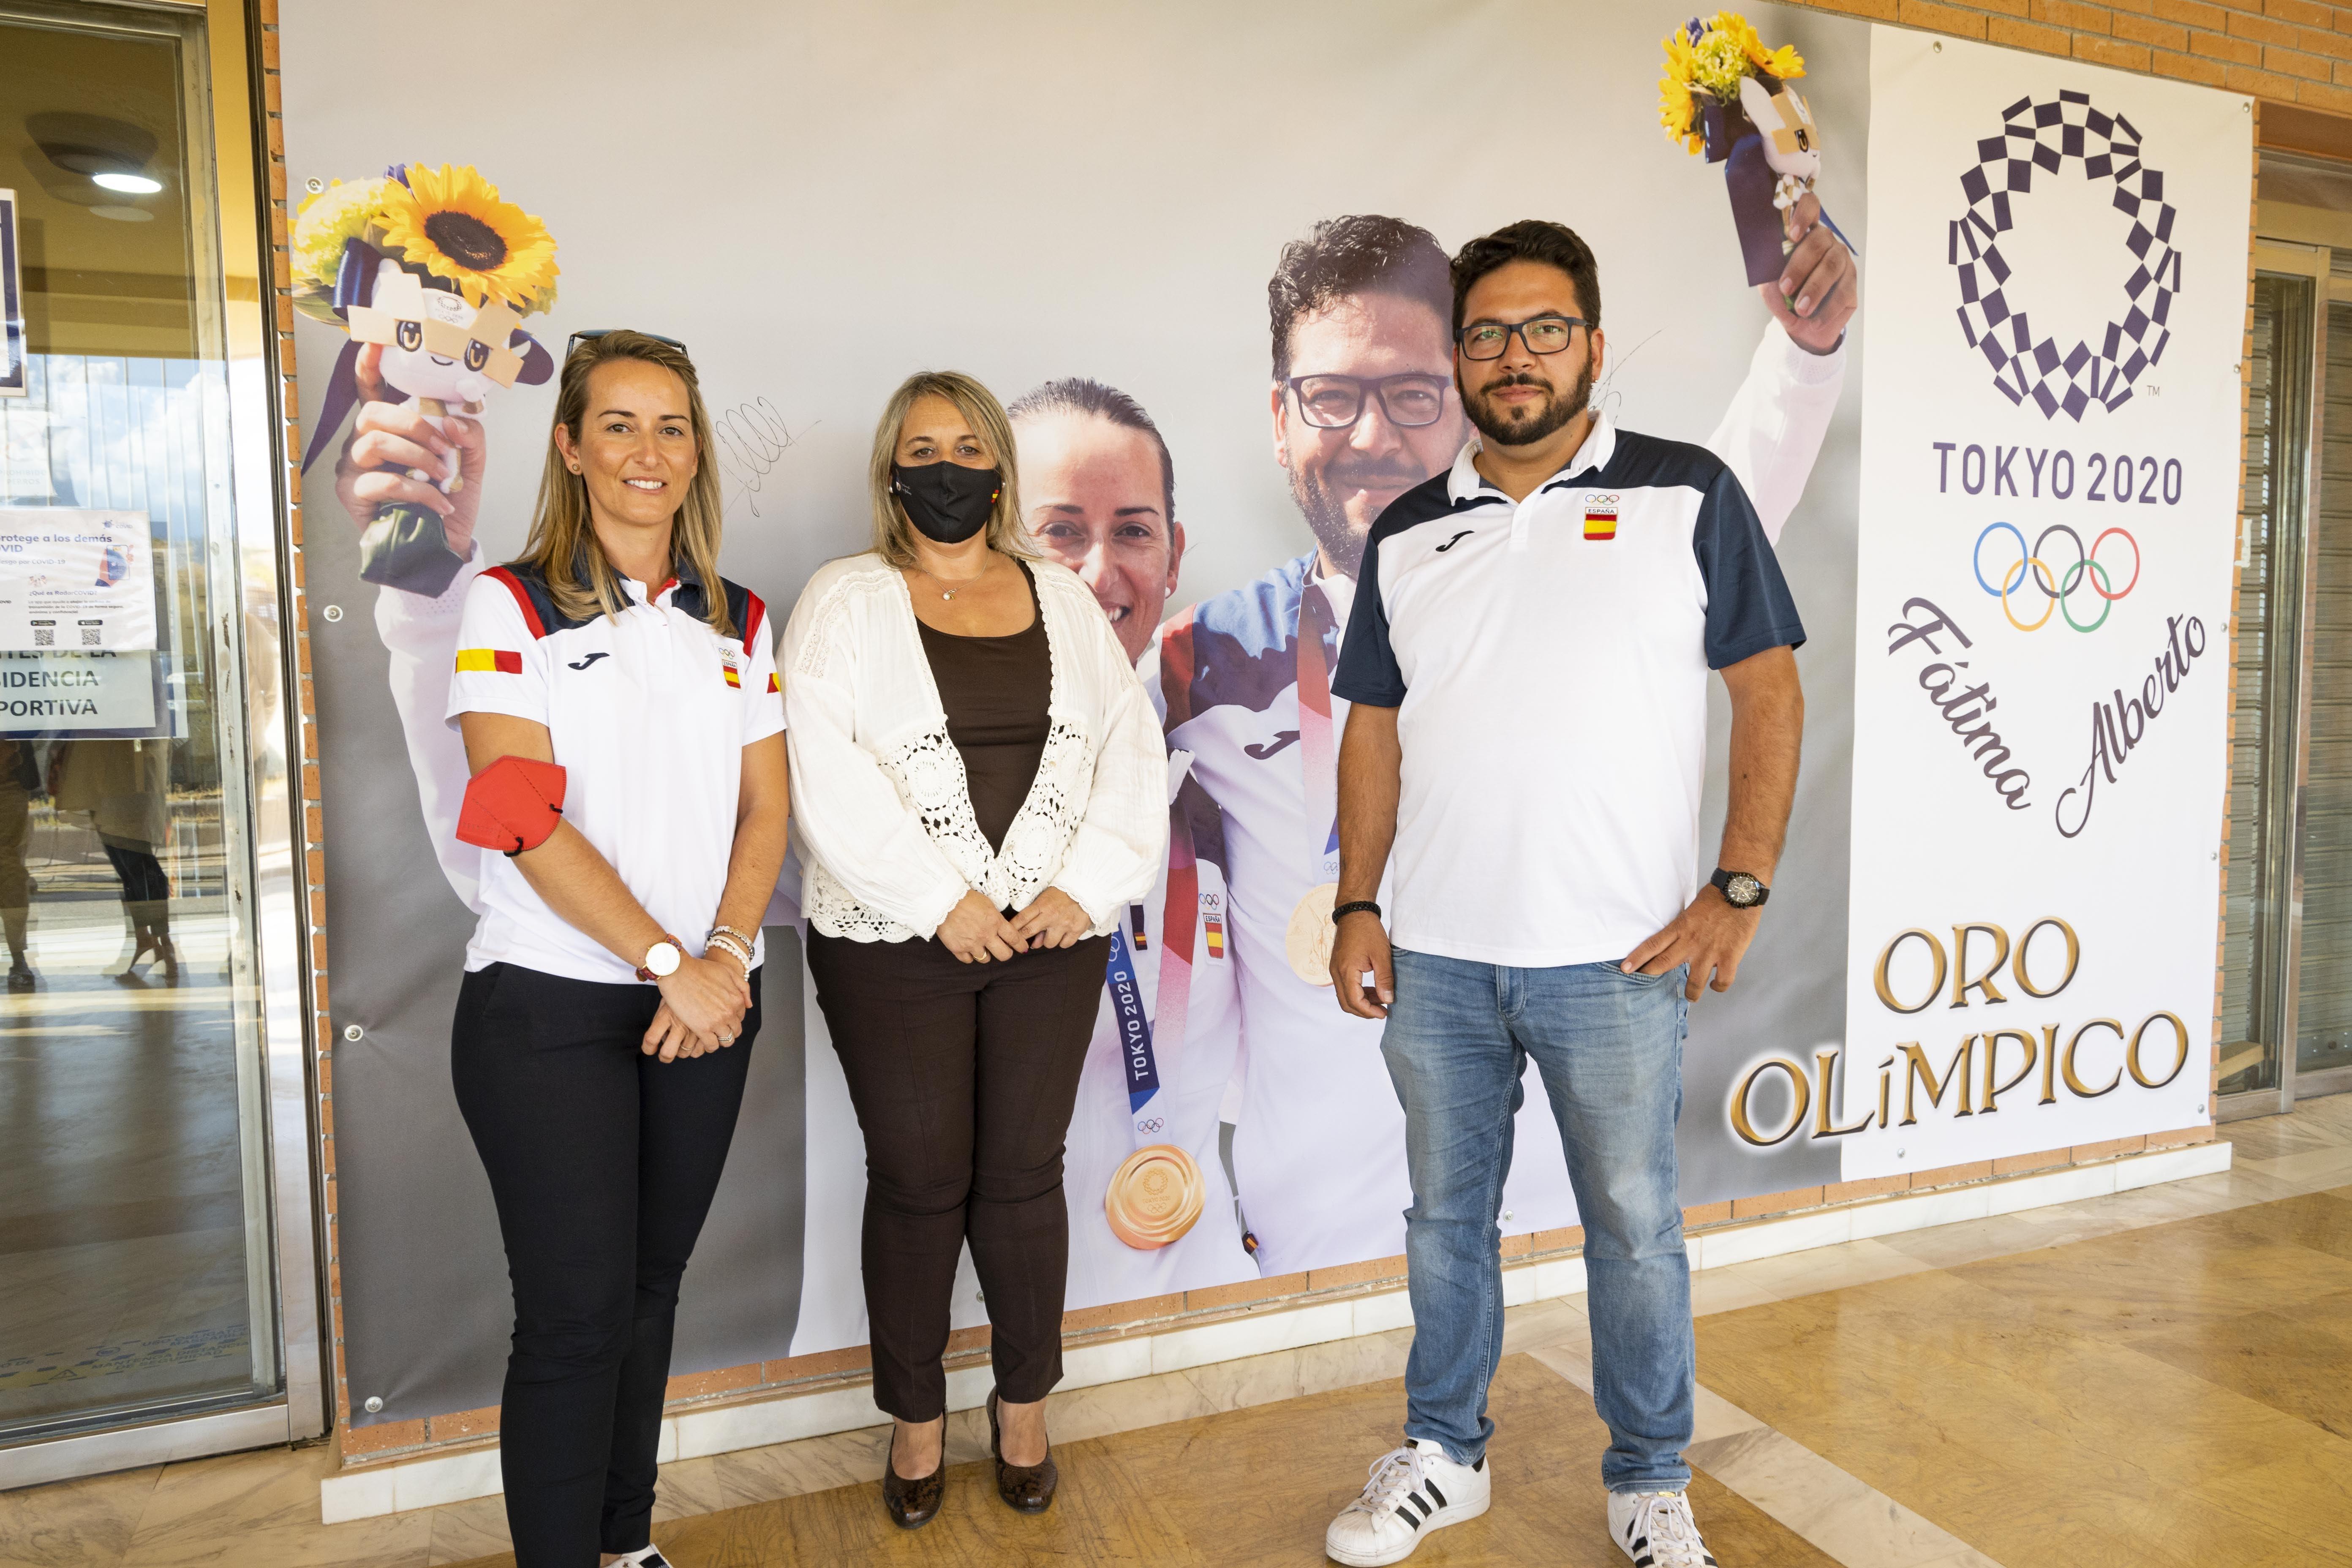 Las Gabias homenajea a Fátima Gálvez y Alberto Fernández, medallistas de oro olímpico en Tokio